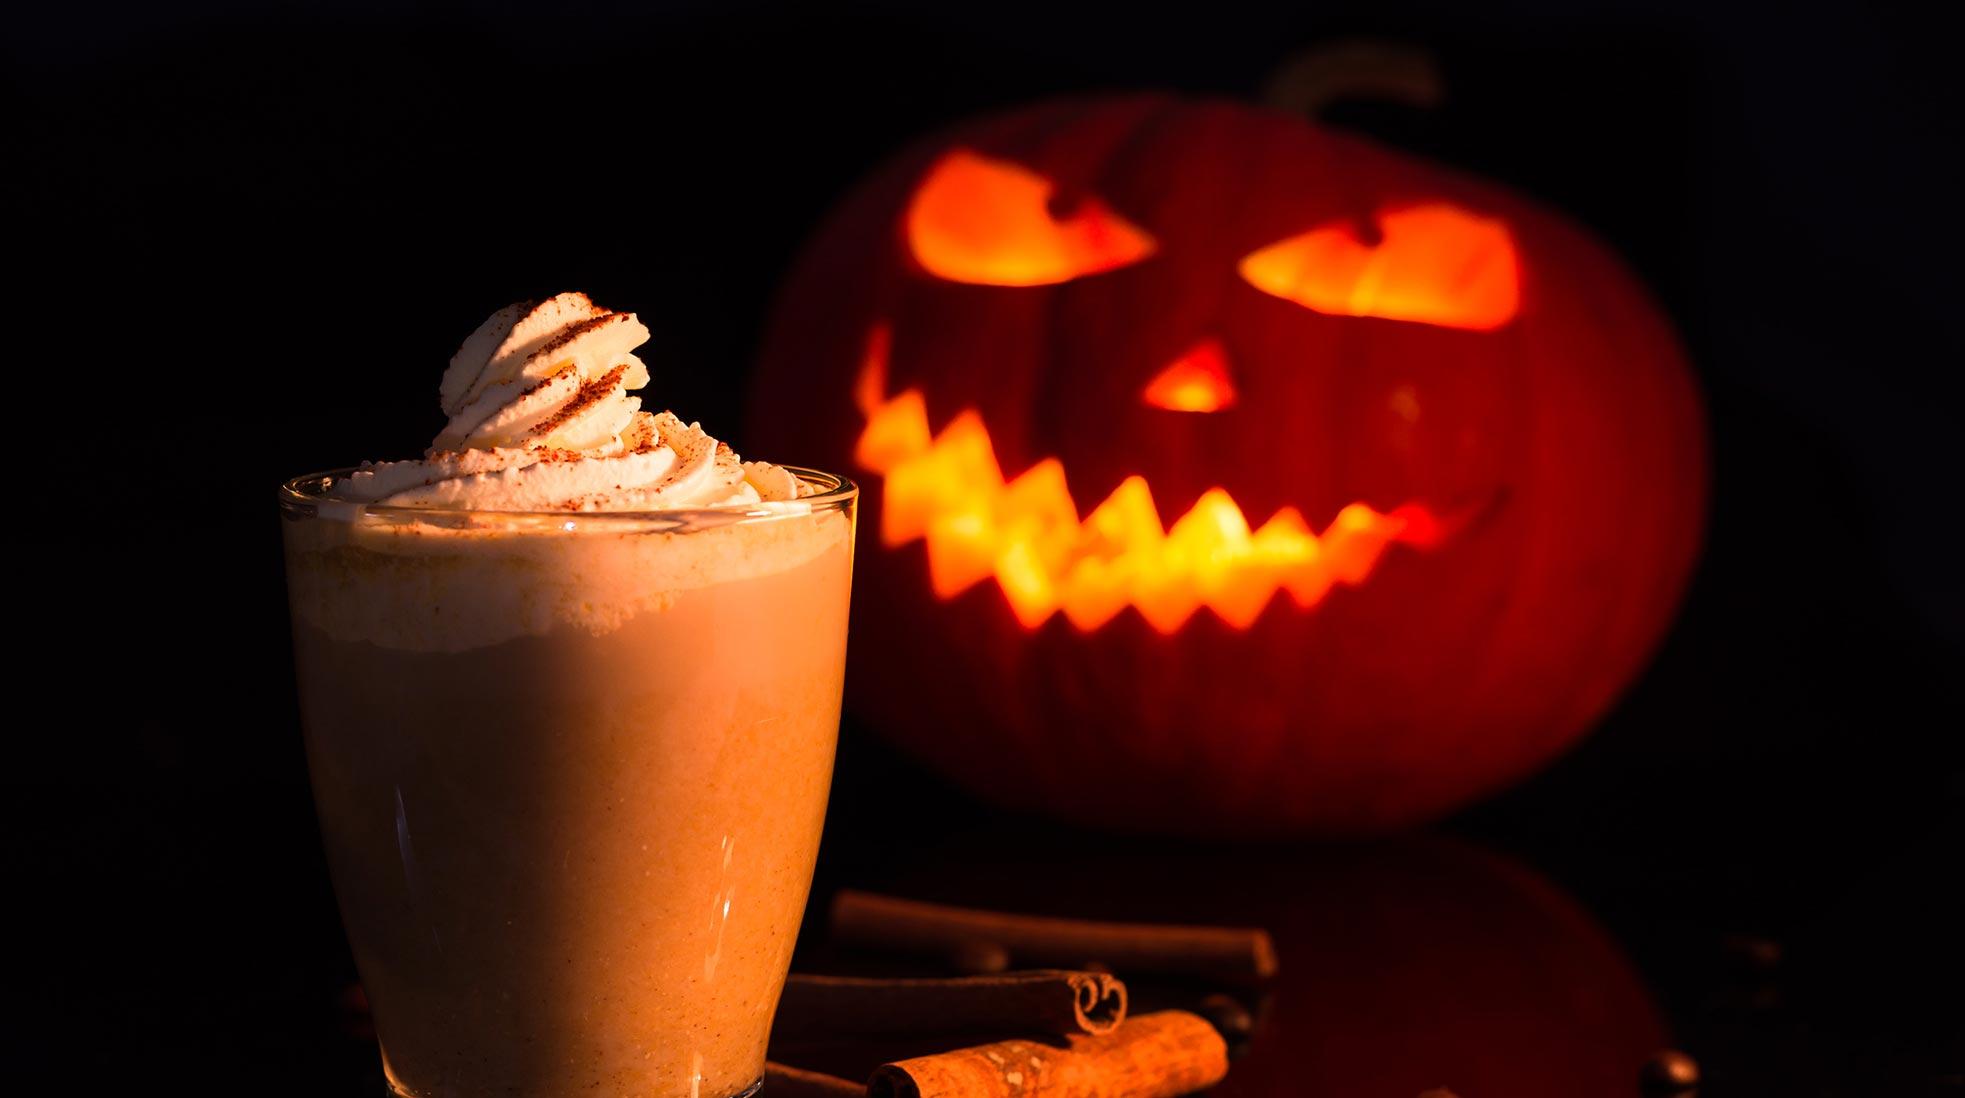 En caffe latte toppad med vispad grädde framför en orange halloweenpumpa